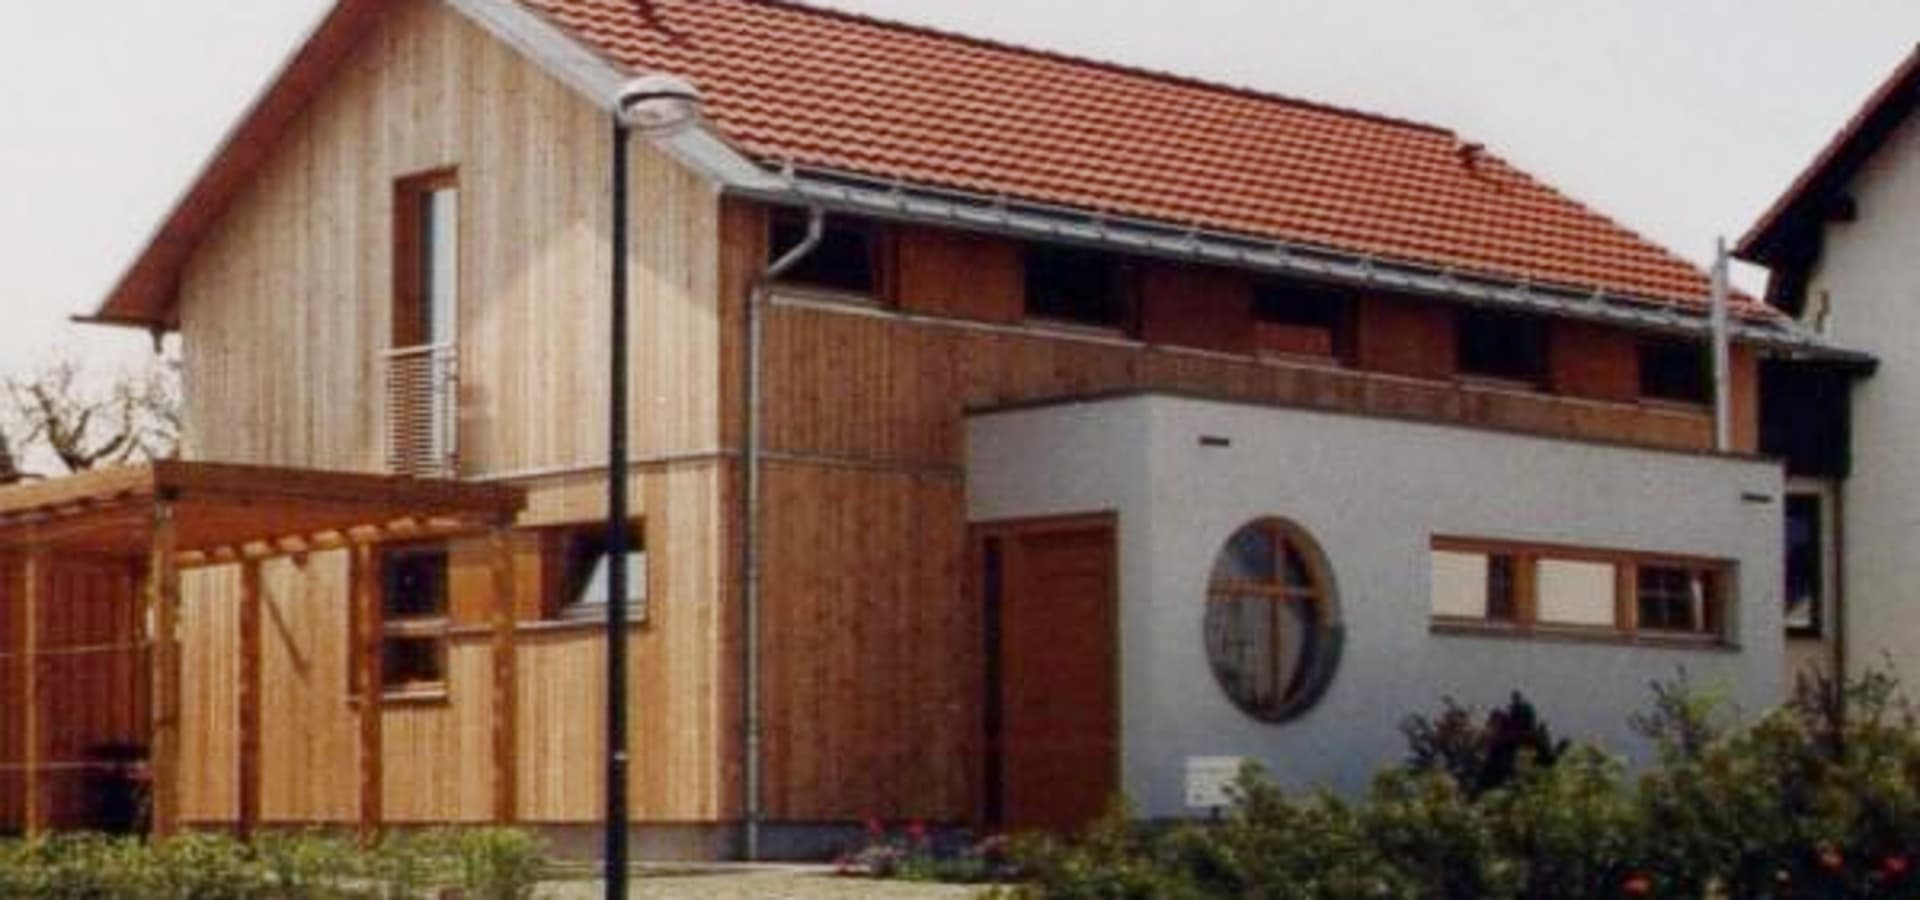 GLASEBACH ARCHITEKTEN